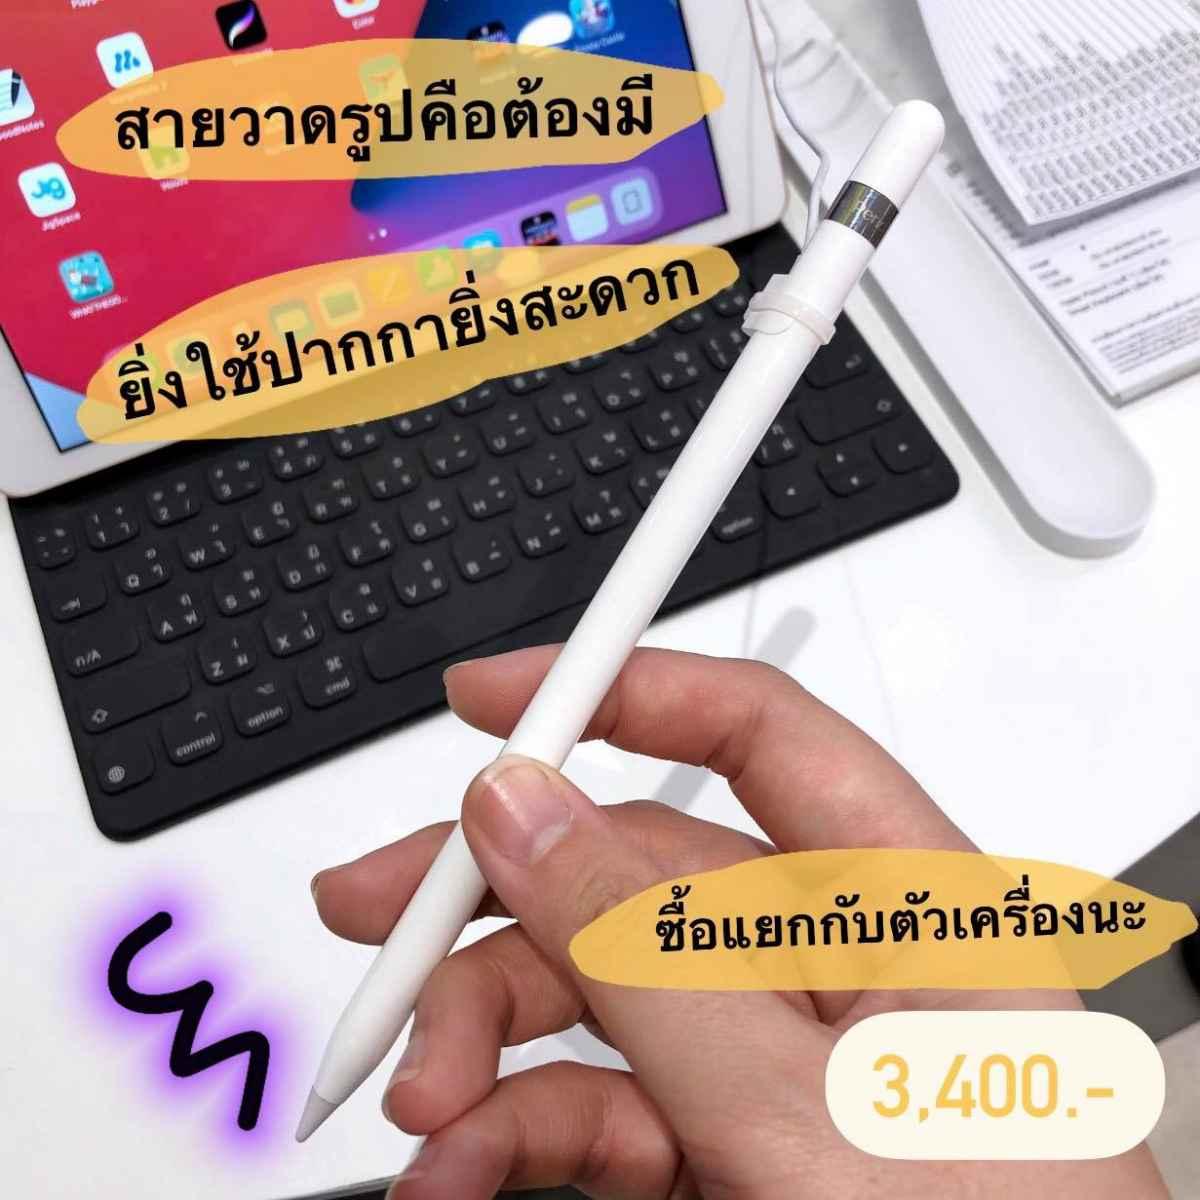 iPad Gen 7